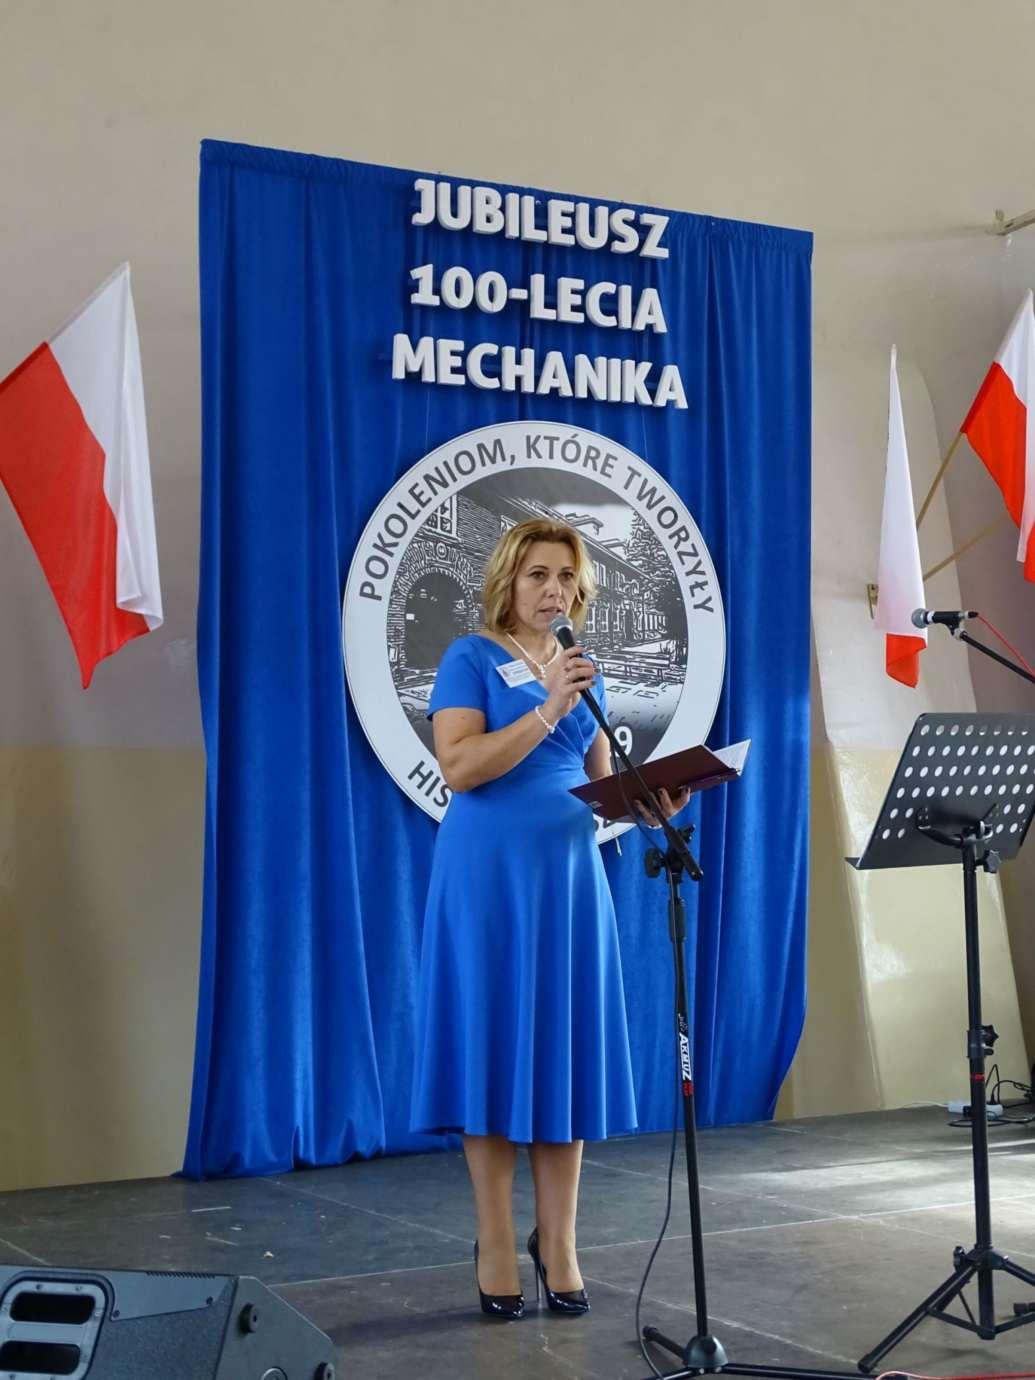 dsc07840 Jubileusz 100-lecia zamojskiego